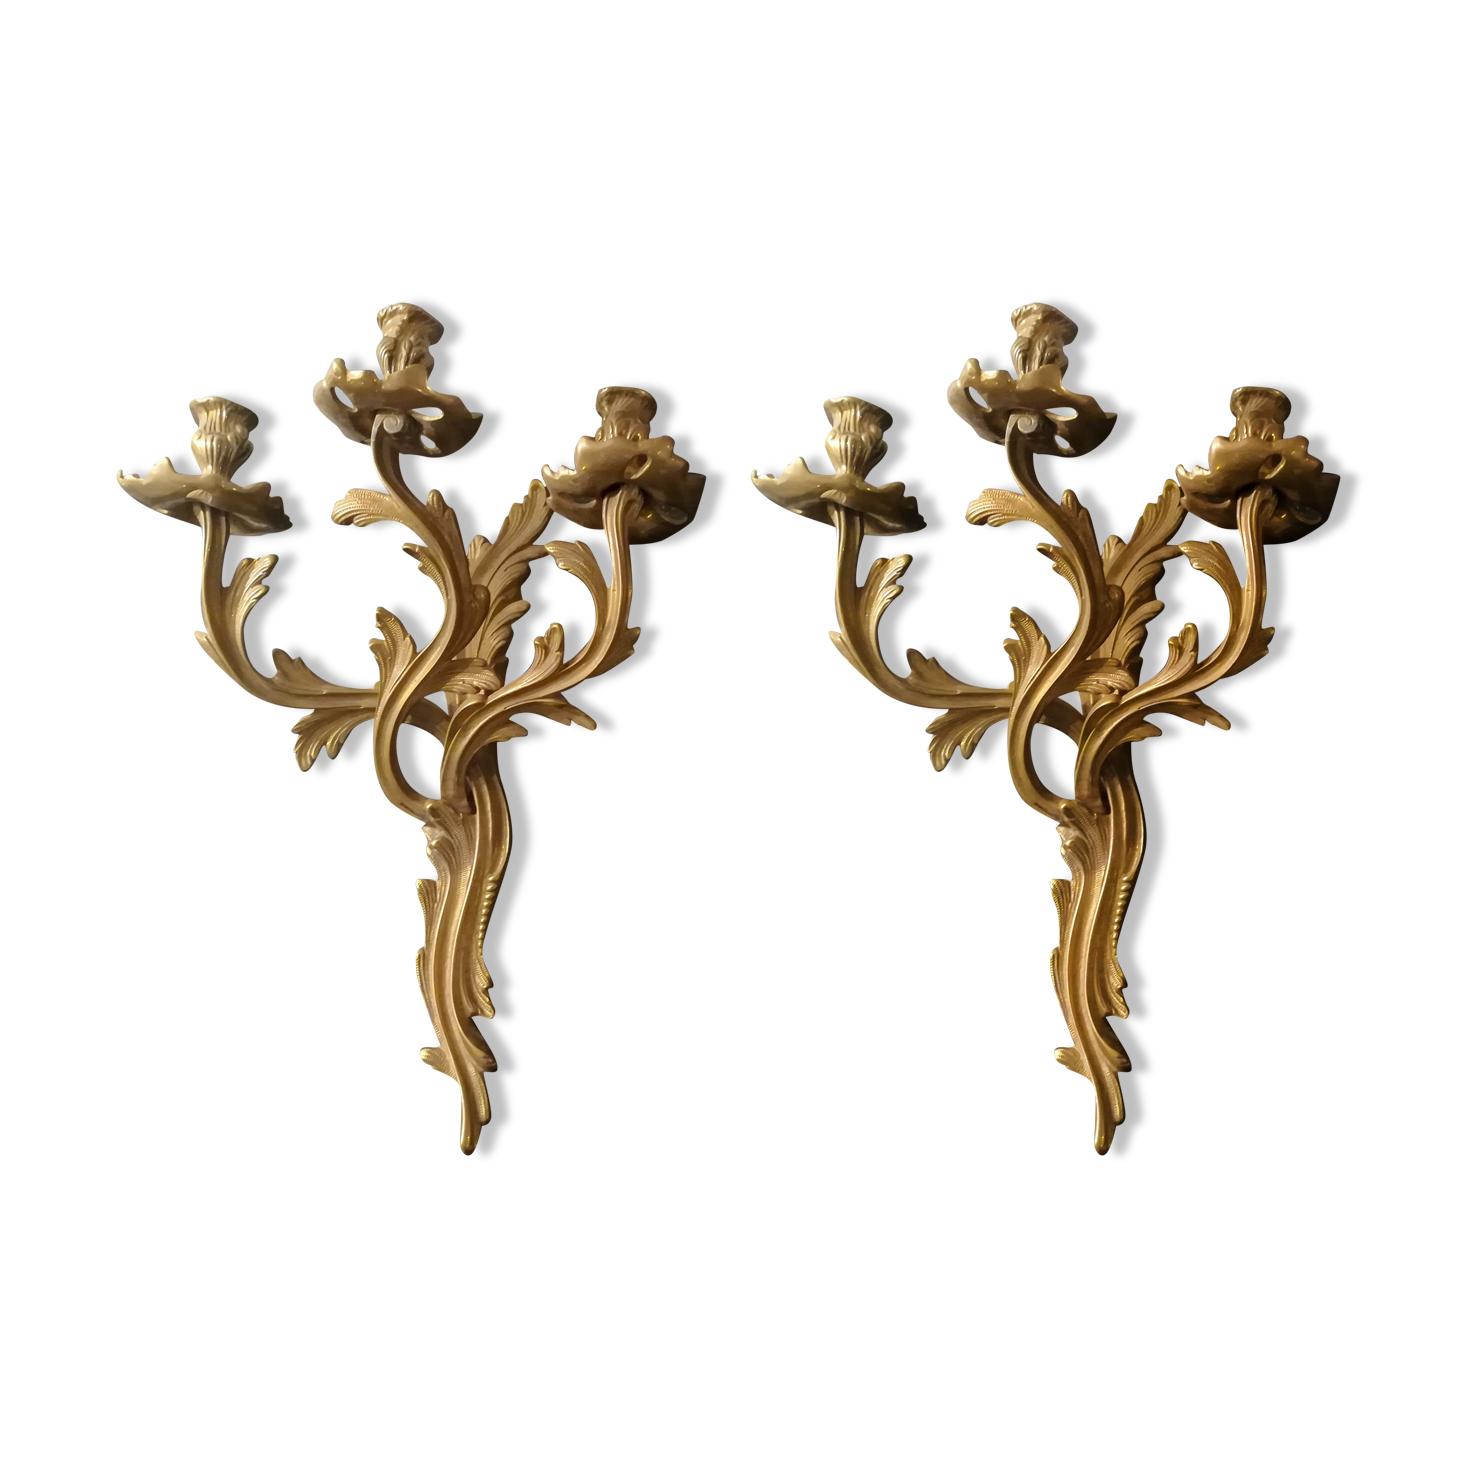 Paire d'appliques en bronze doré style Louis XV